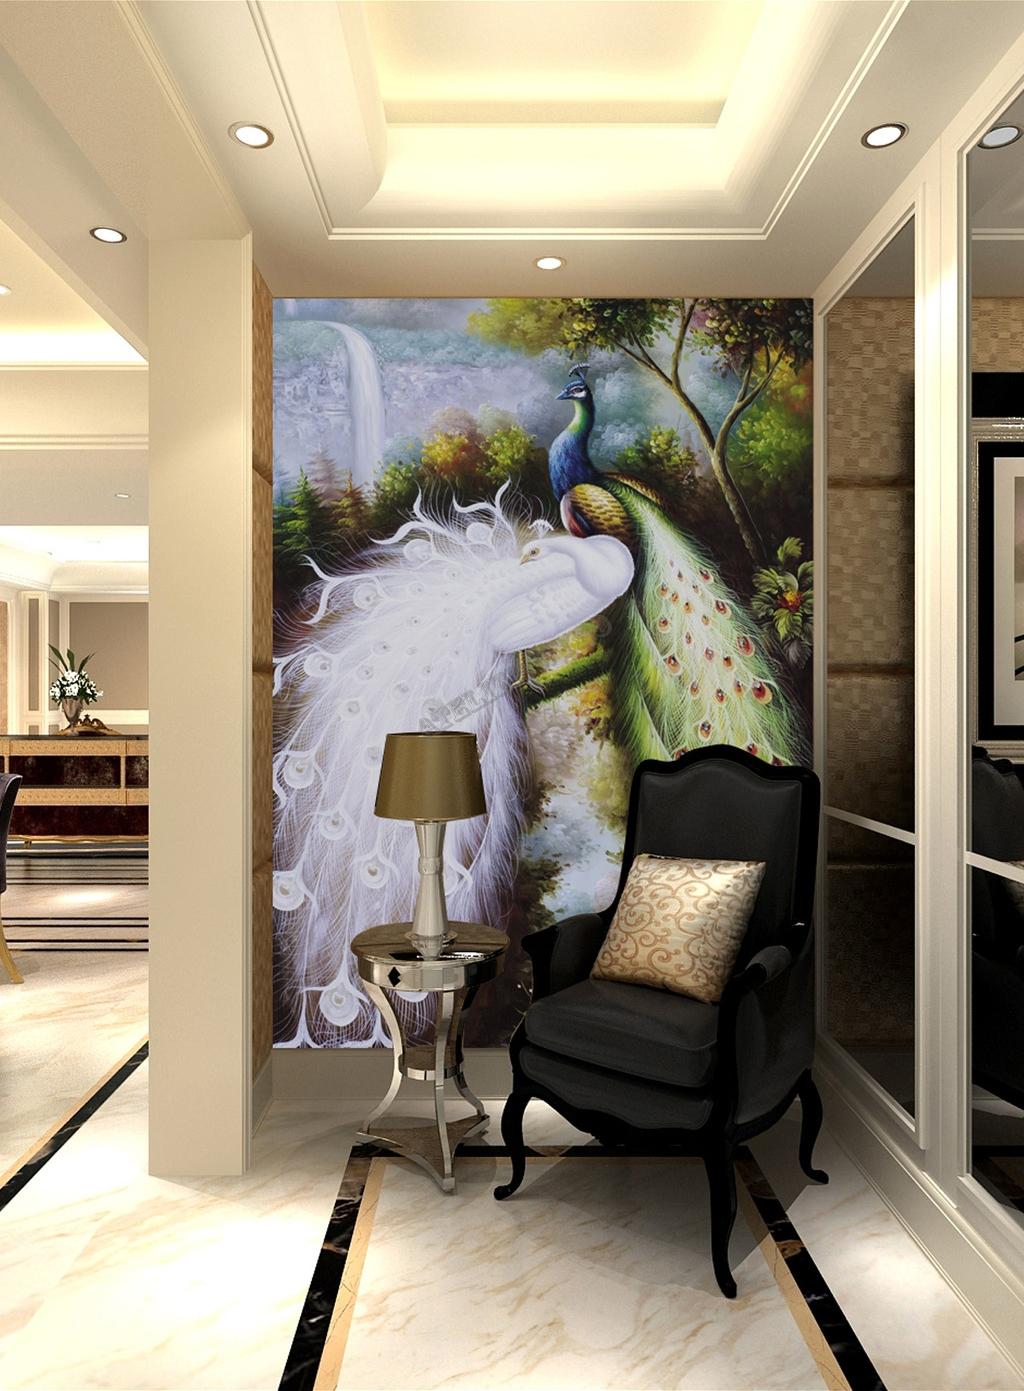 papier peint, papier peint personnalisé, tapisserienumérique, paon, arbre